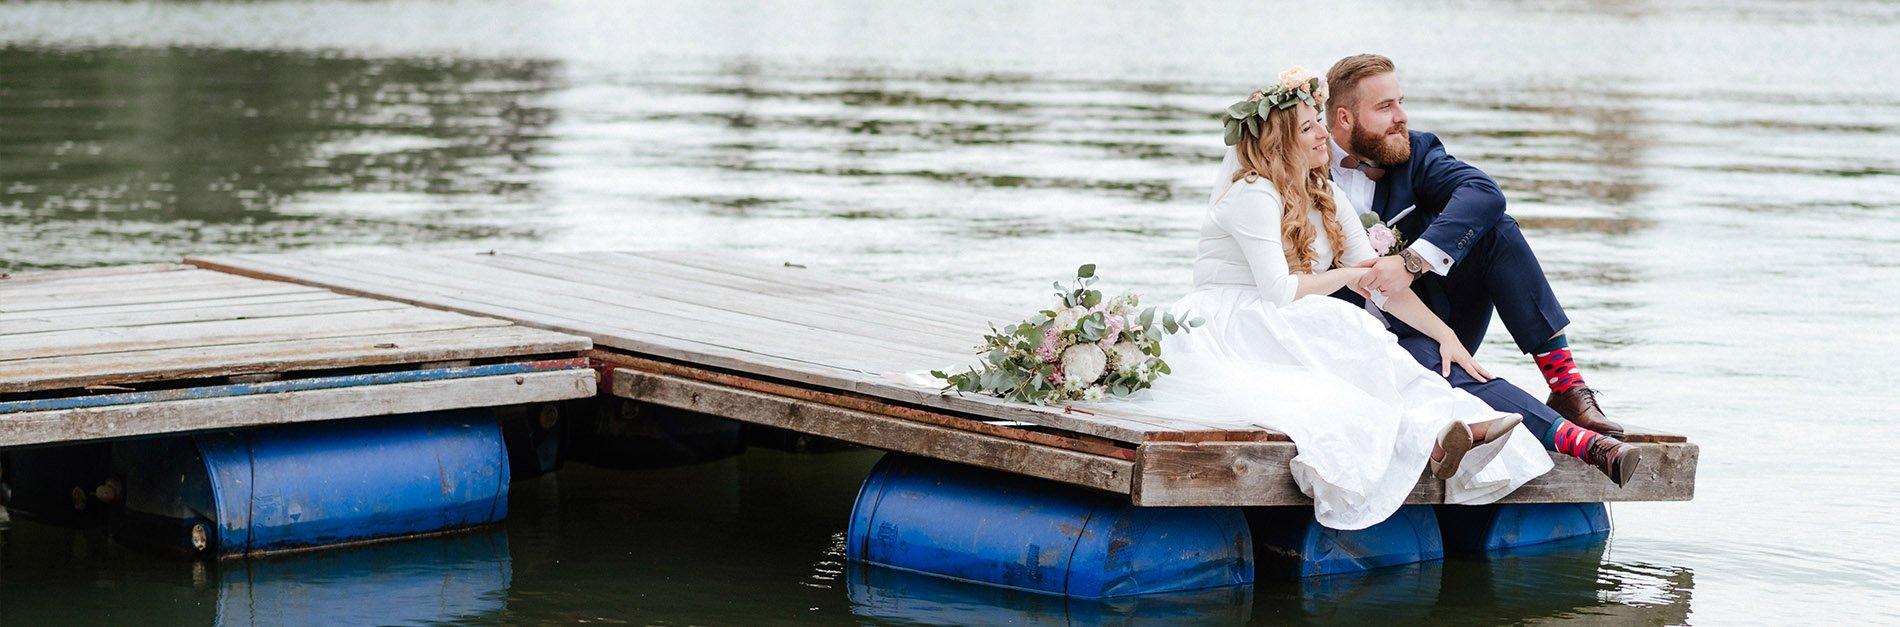 Proměním vaše svatební sny ve skutečnost